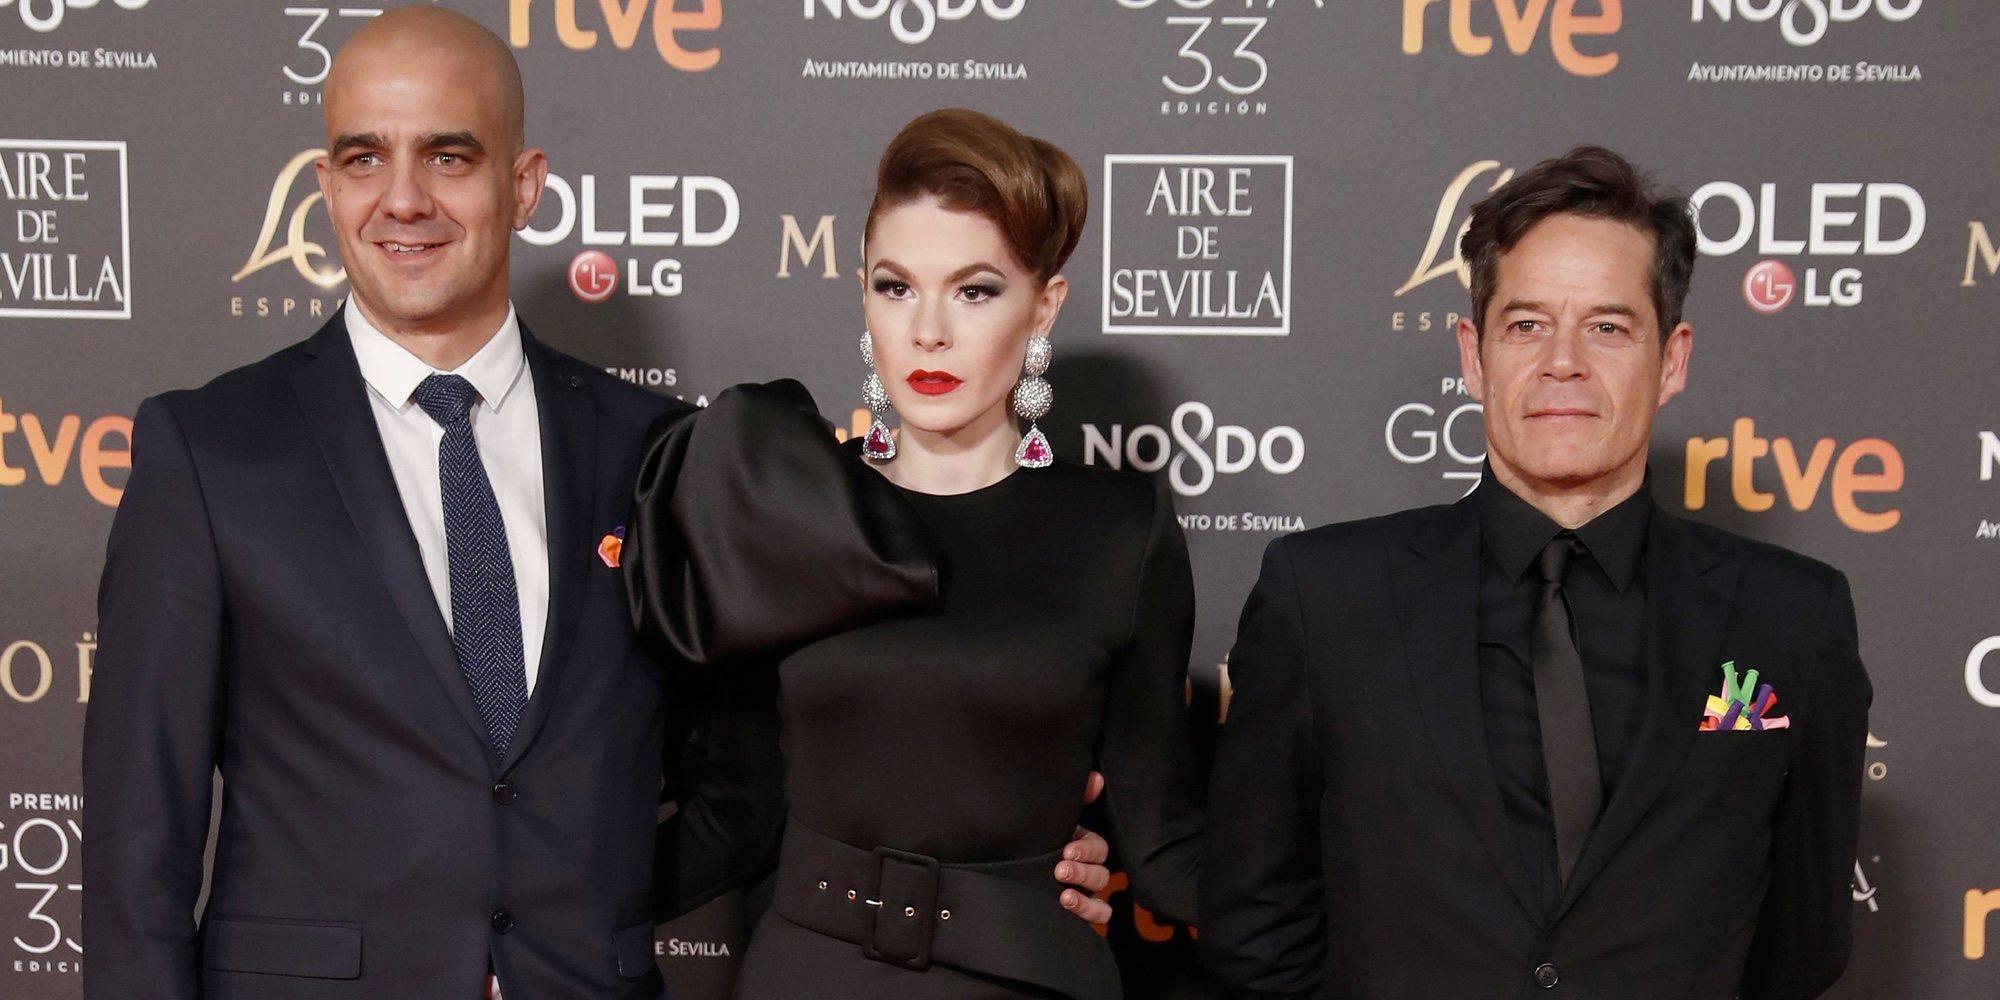 Jorge Sanz reaparece tirando de humor en los Goya 2019 tras la muerte de Paloma Gómez, madre de su hijo mayor